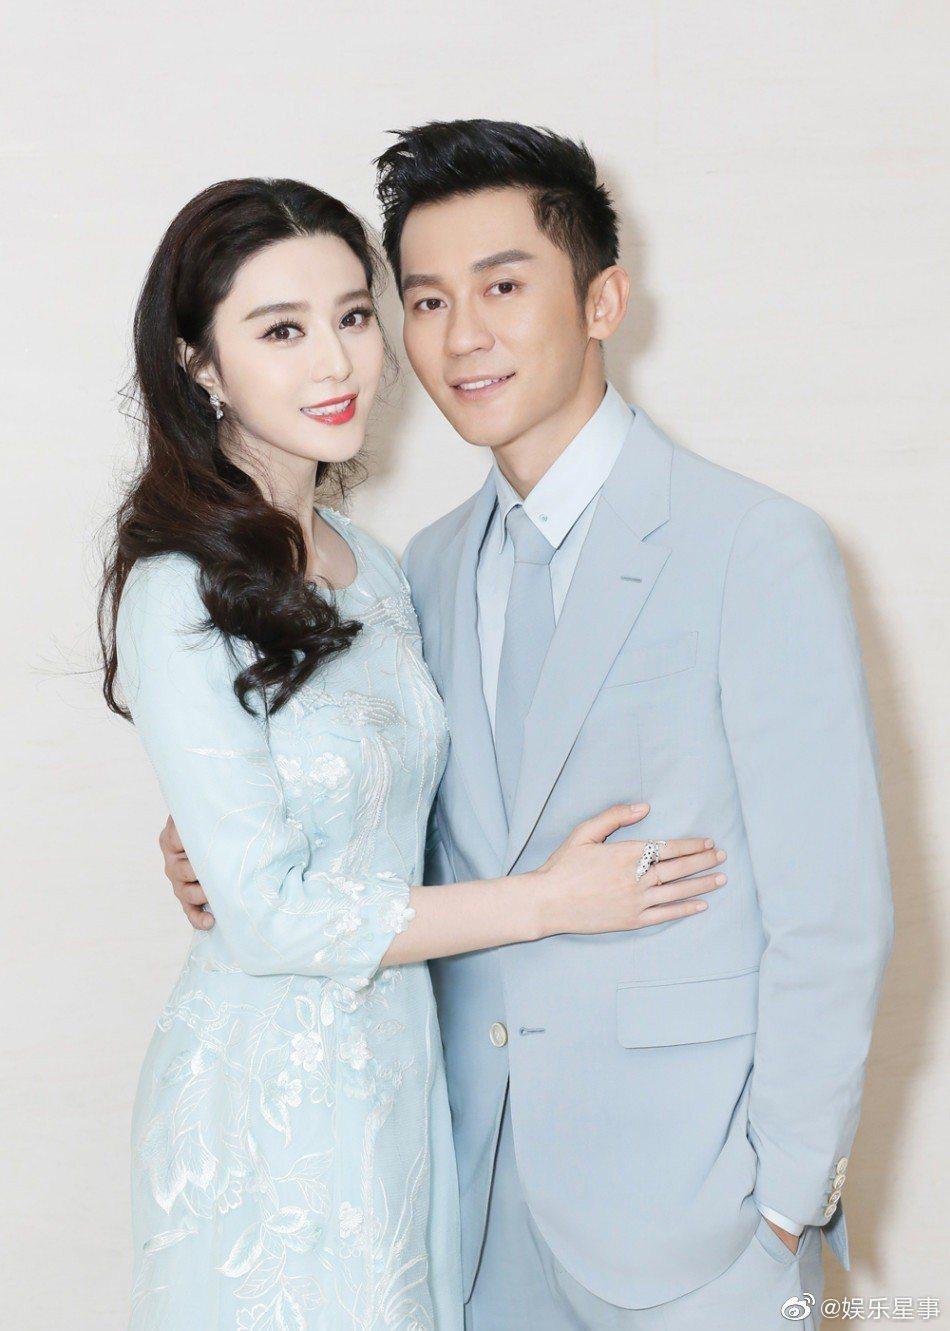 范冰冰(左)、李晨宣告分手,結束4年戀情,震驚全華人演藝圈。圖/摘自微博